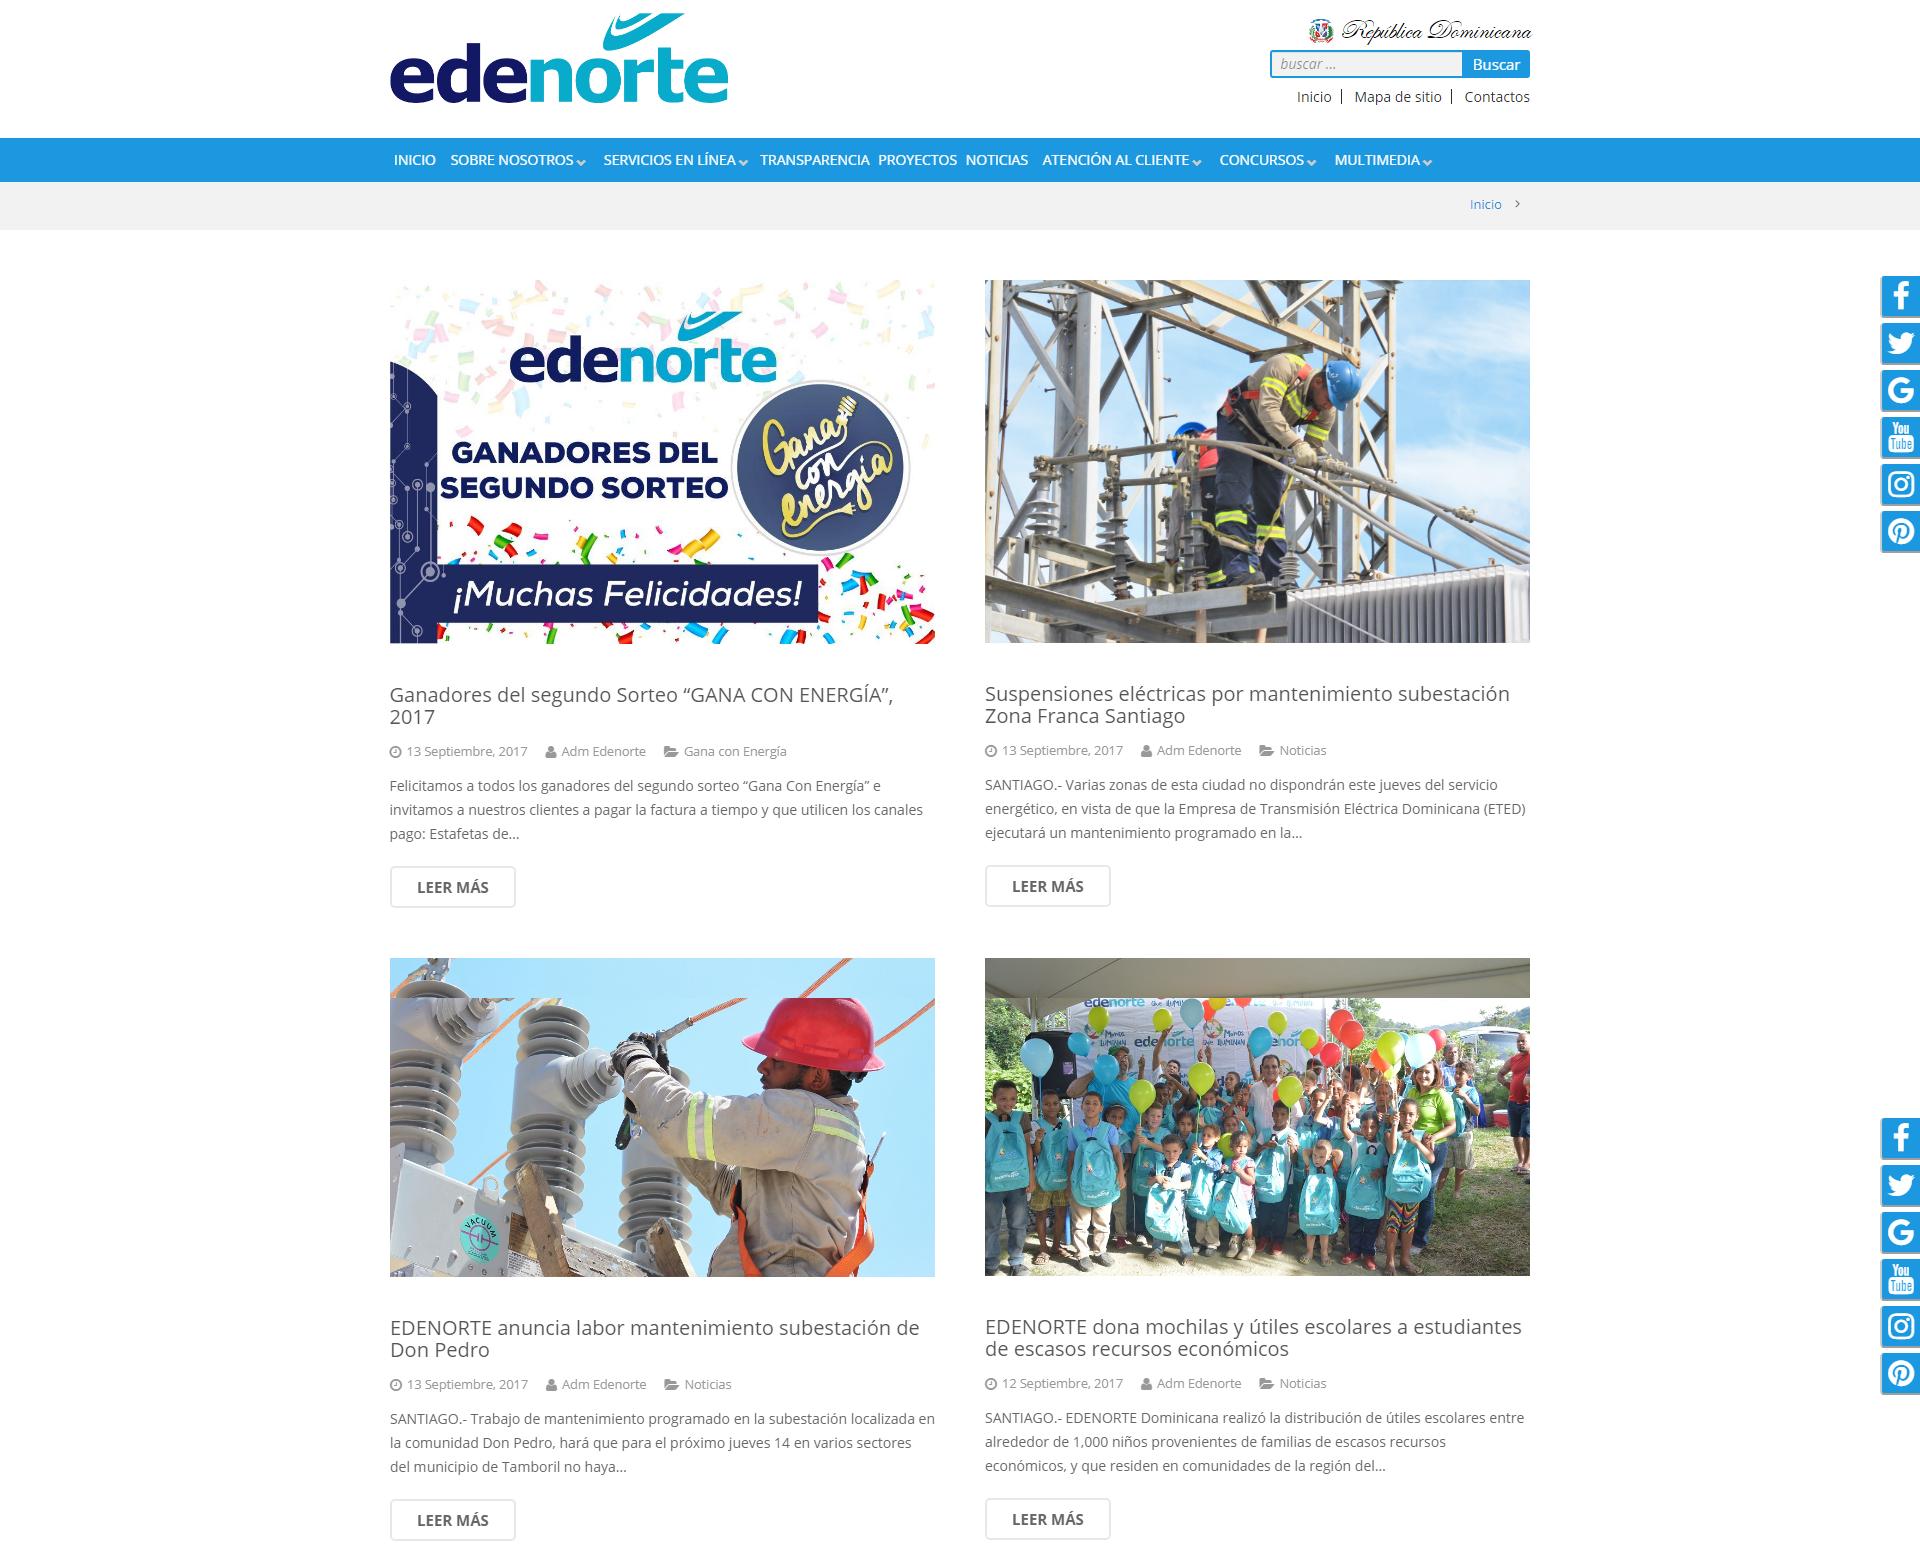 edenorte.com.do